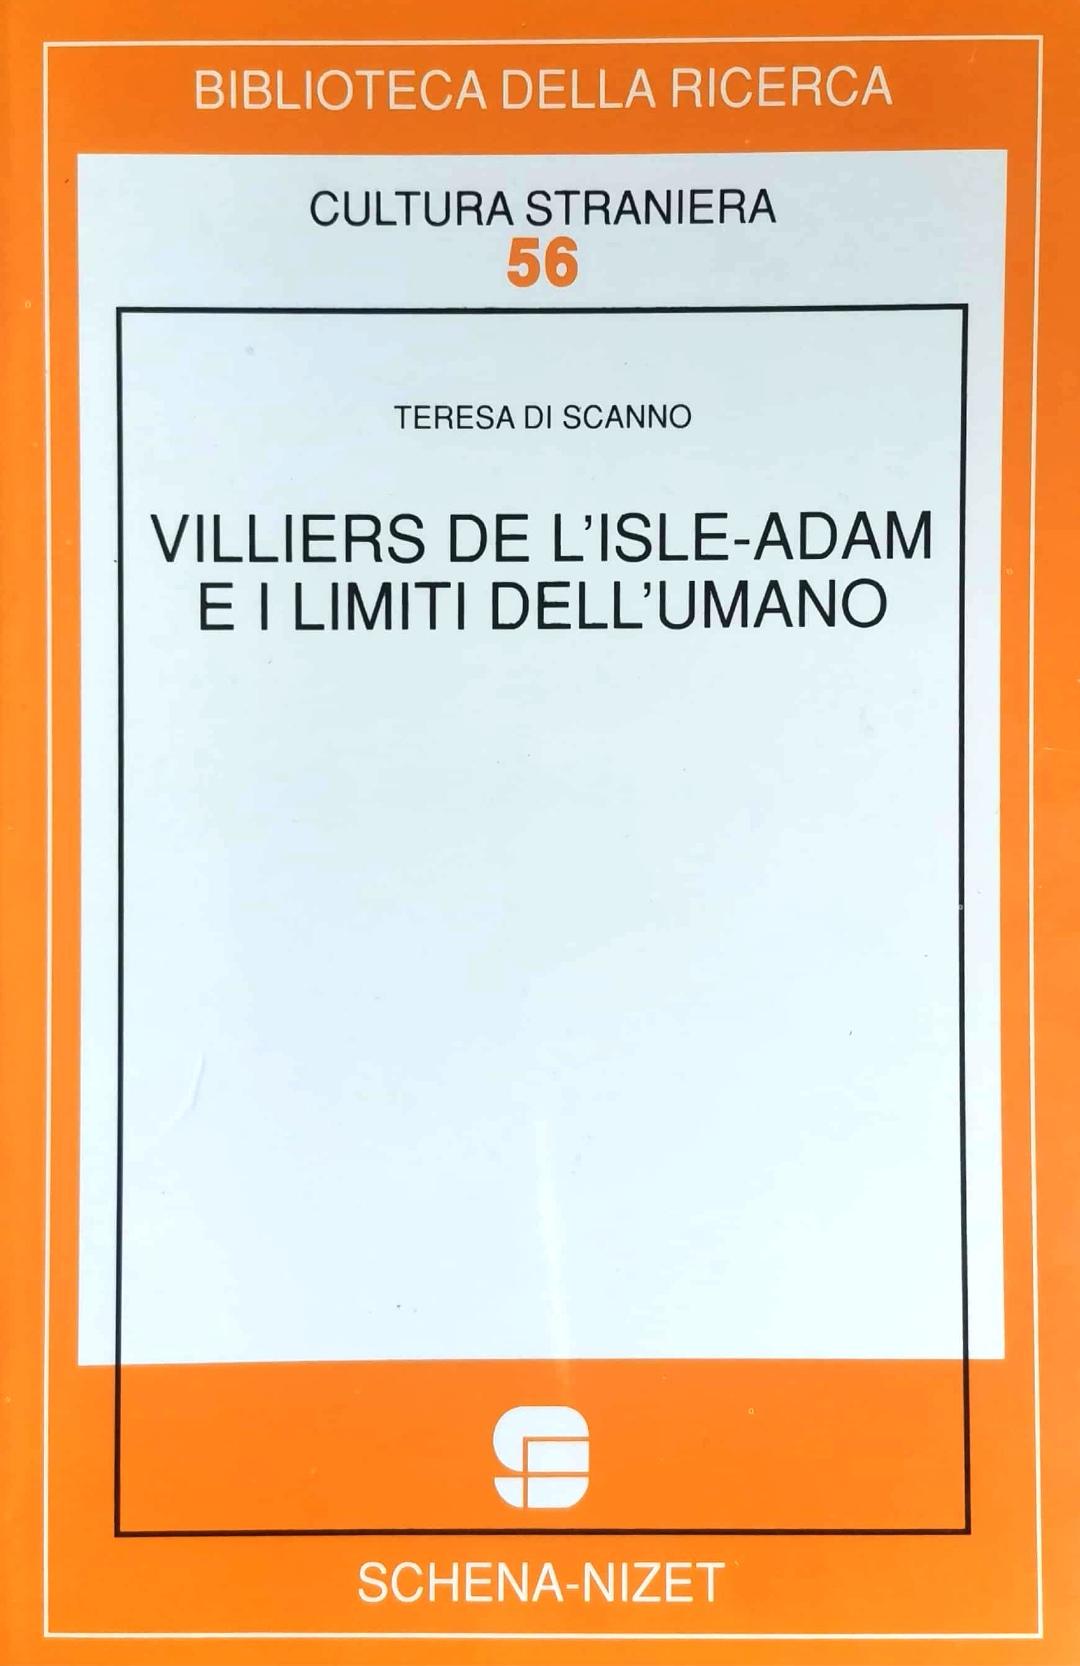 Villiers de l'Isle-Adam e i limiti dell'umano